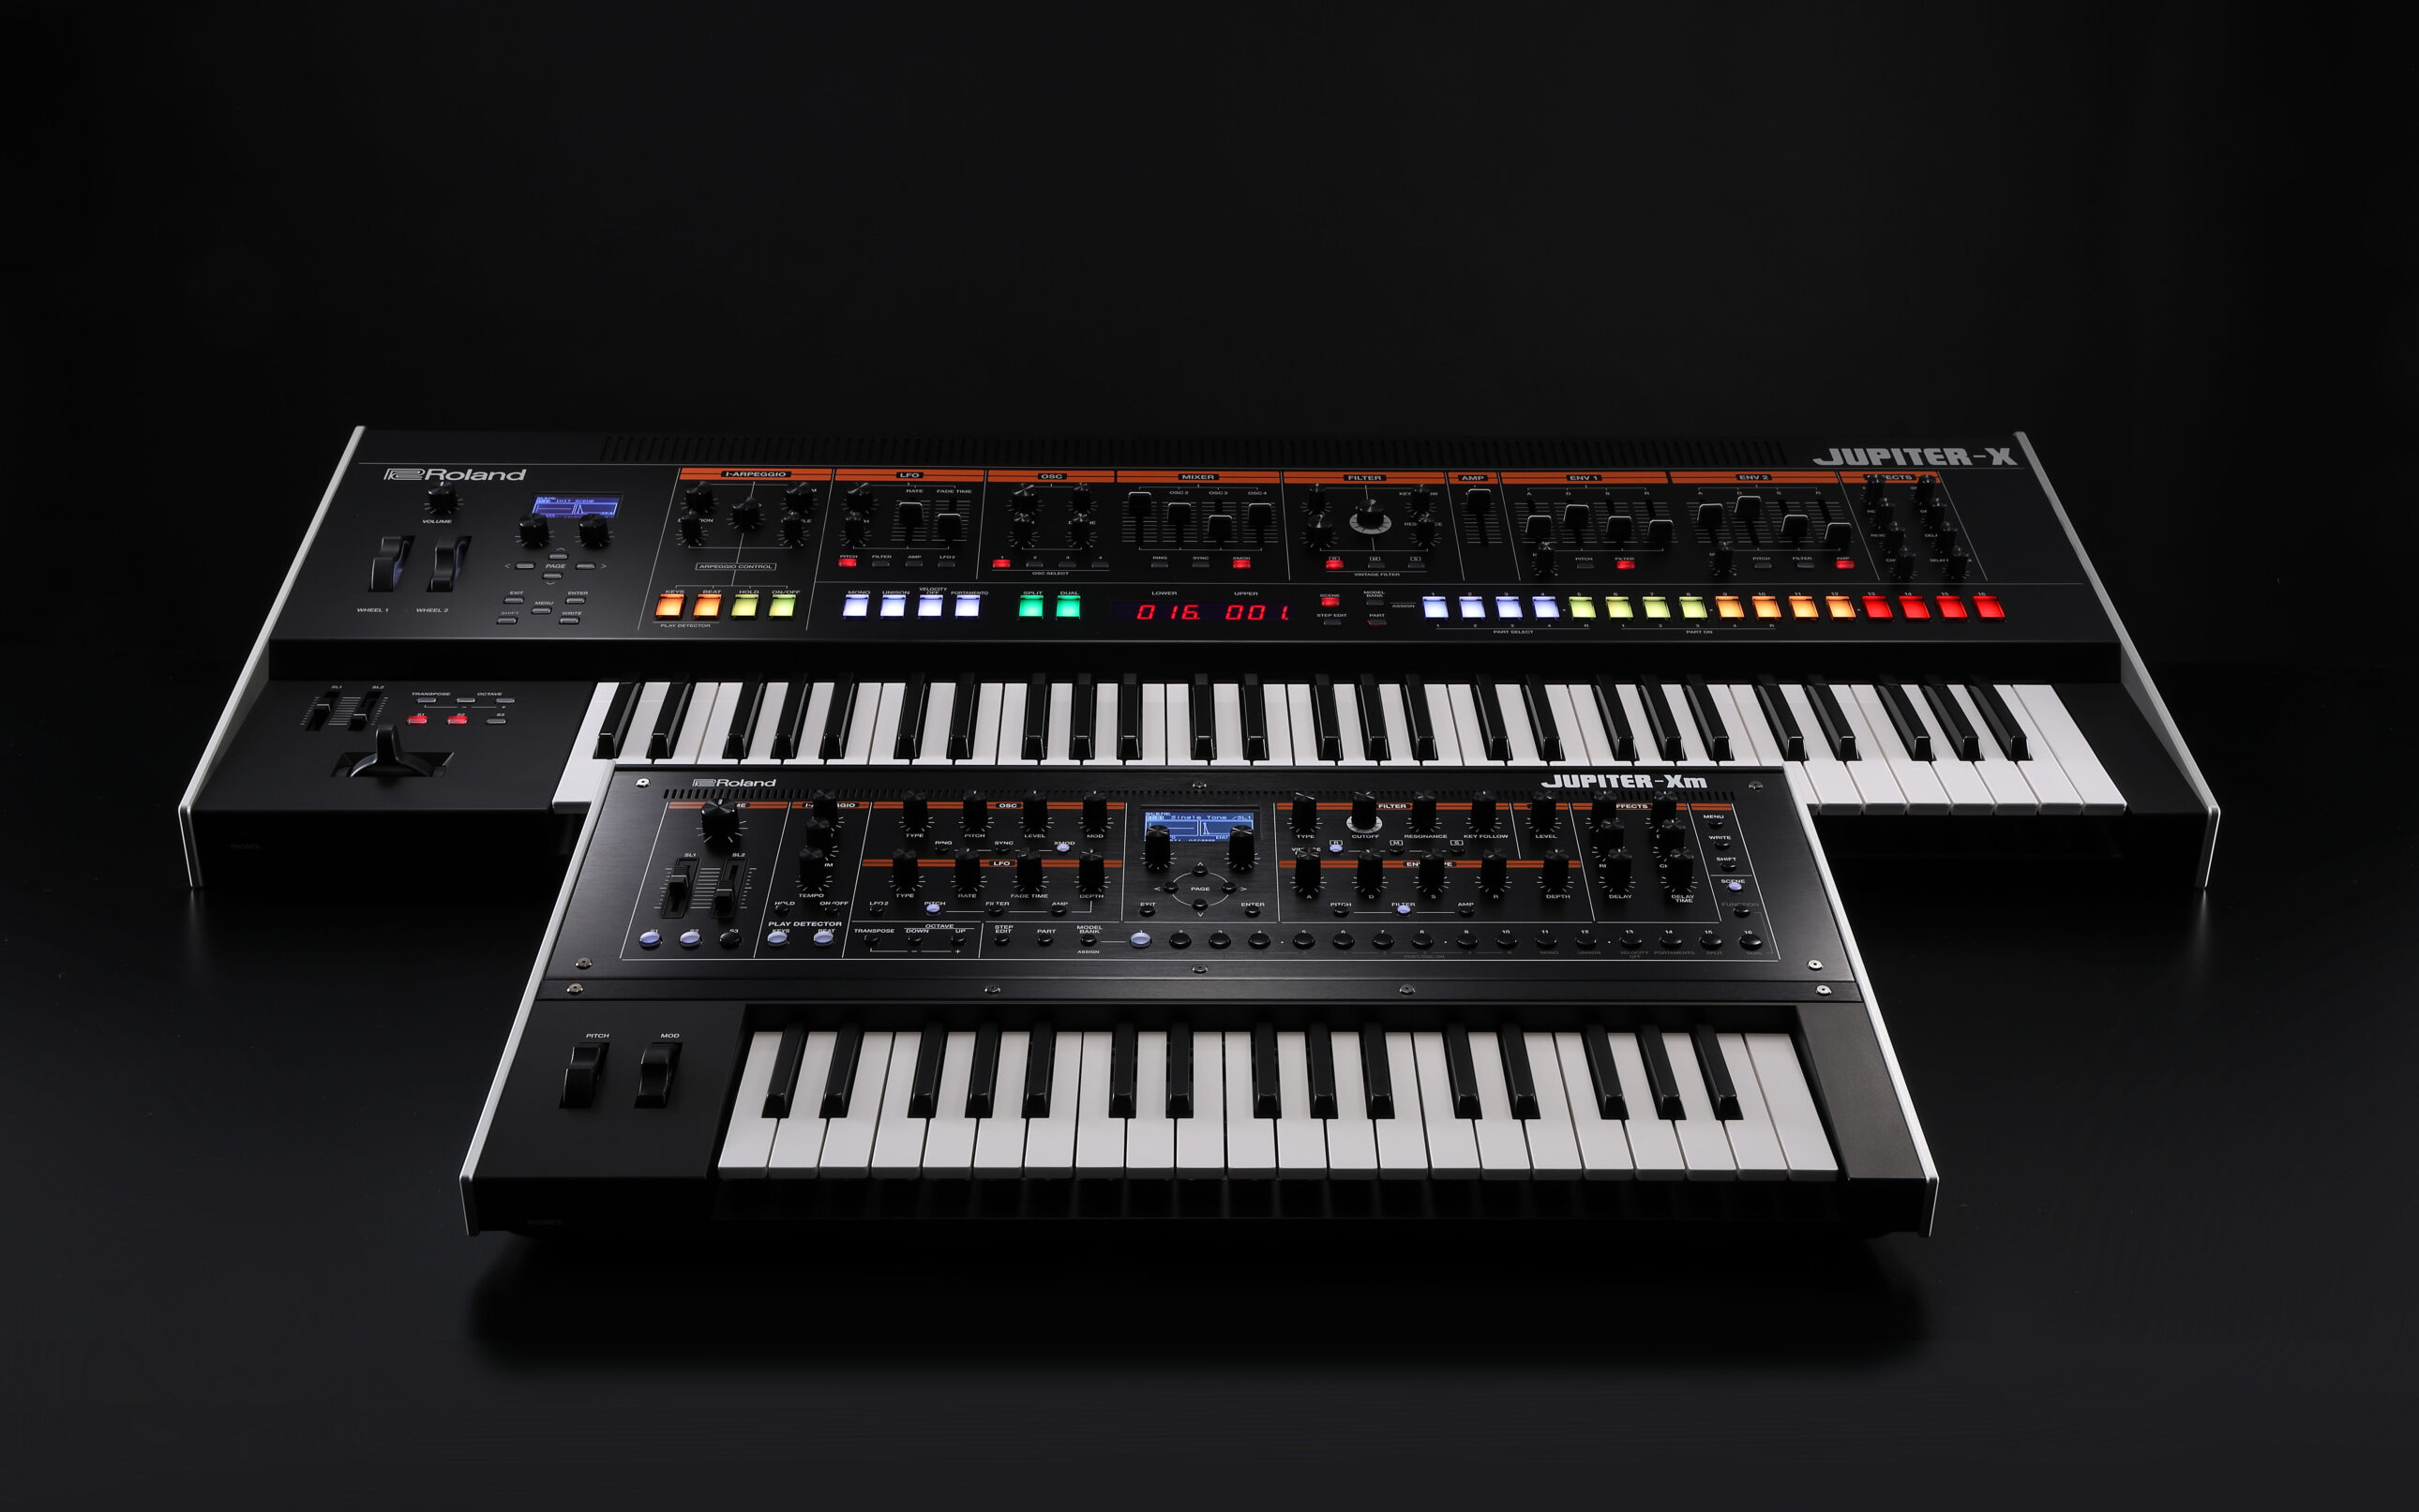 Roland JUPITER-X-und-Xm